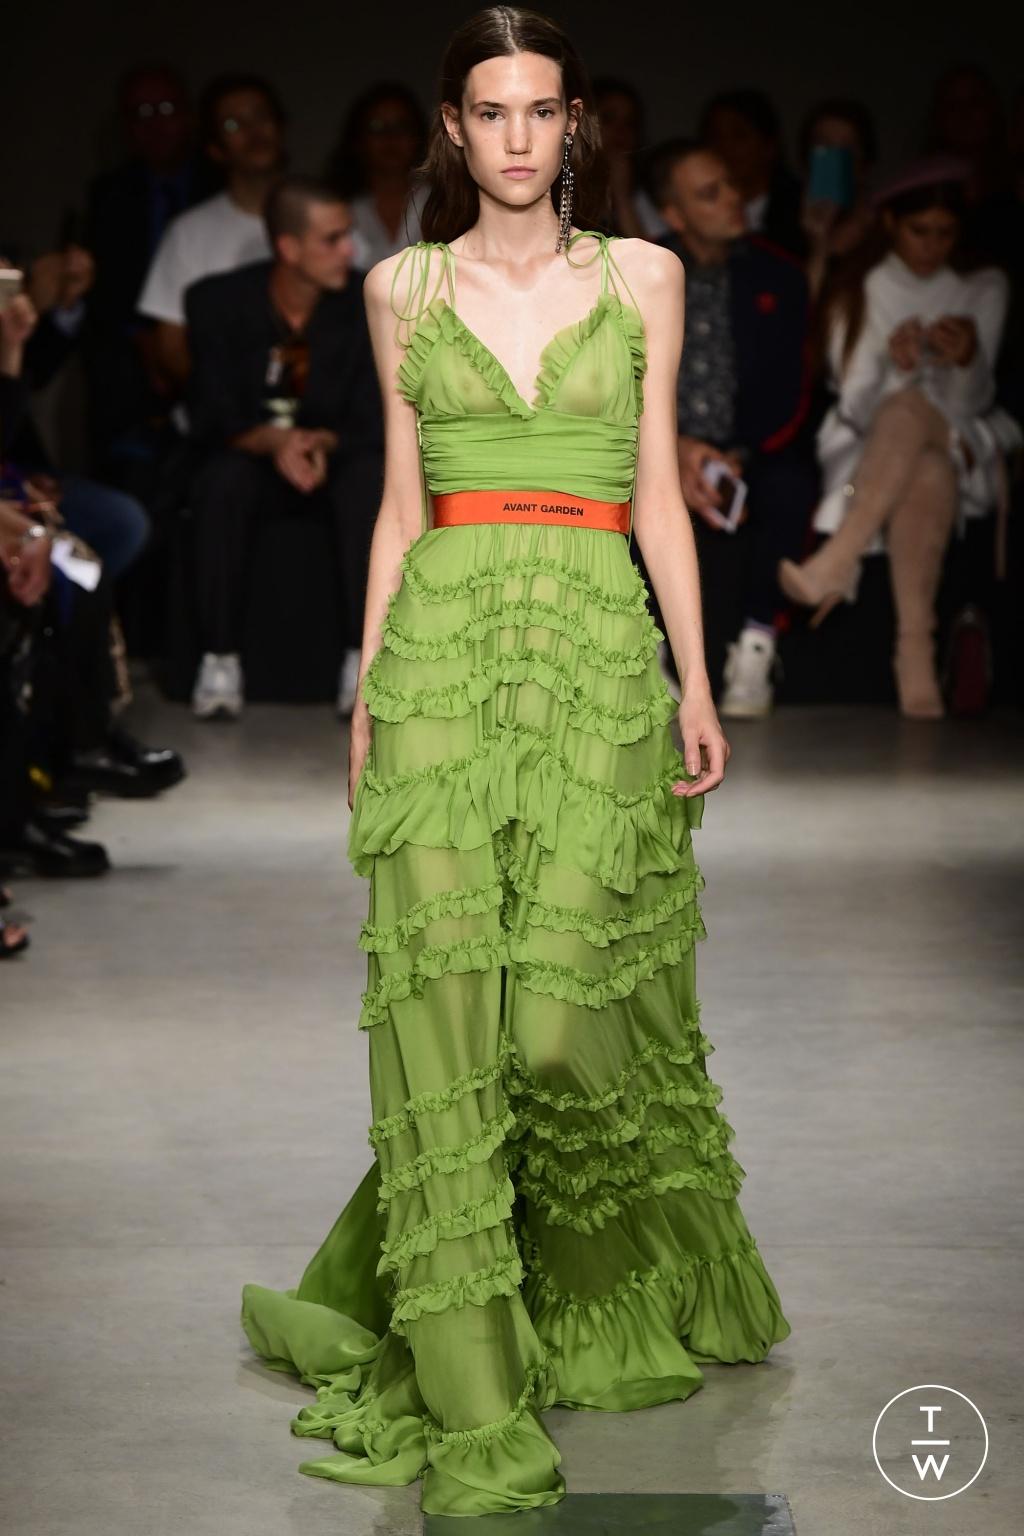 Fashion Week Milan Spring/Summer 2018 look 17 de la collection Brognano womenswear